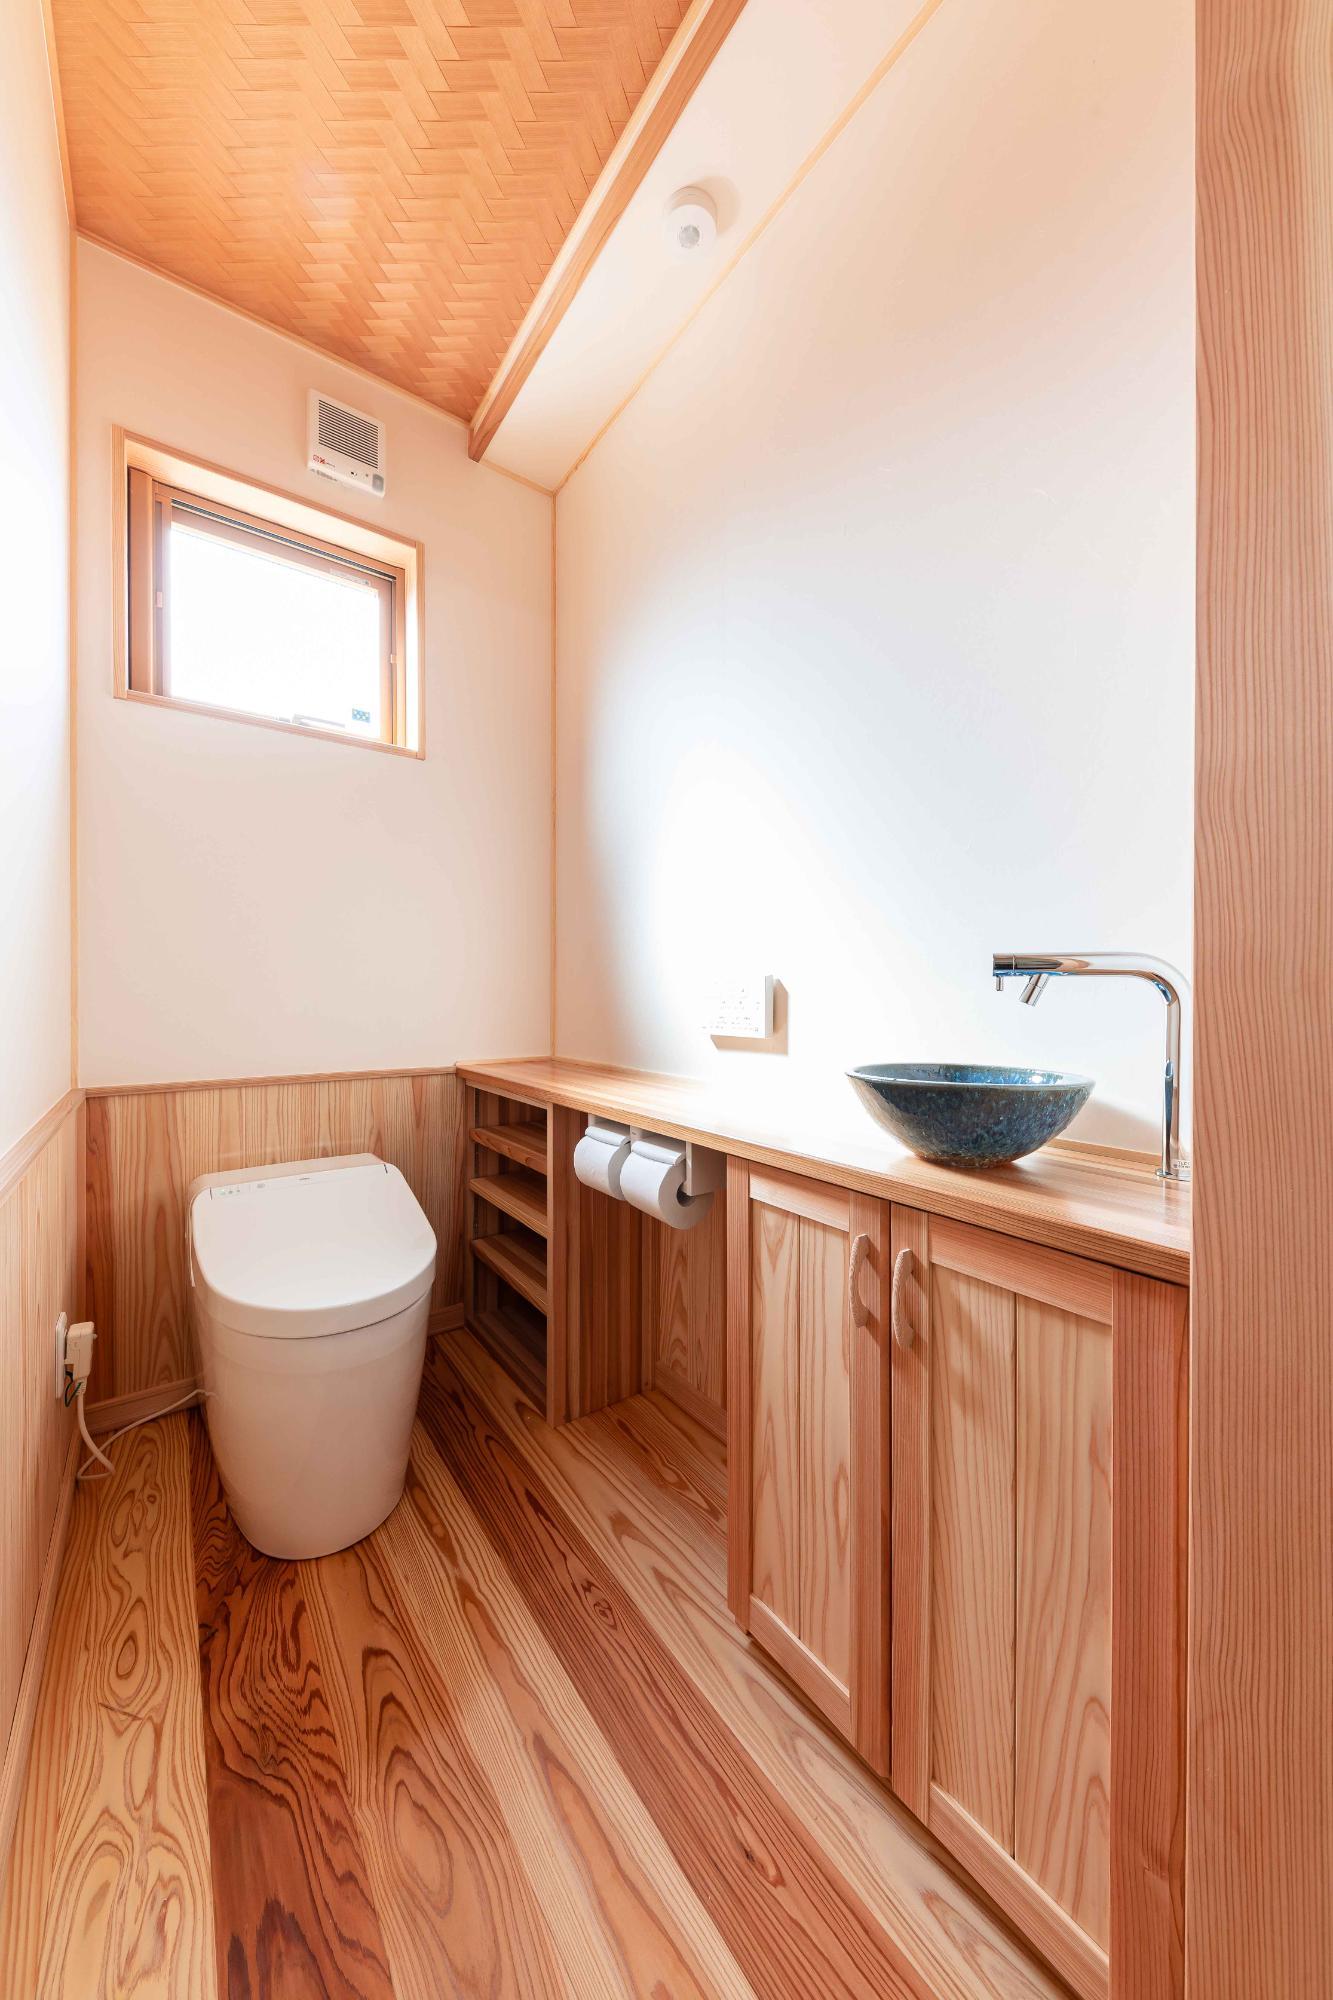 自然派ライフ住宅設計㈱「シンプルかつ繊細に、こだわりを活かした新発田の家」のシンプル・ナチュラル・和風・和モダンなトイレの実例写真